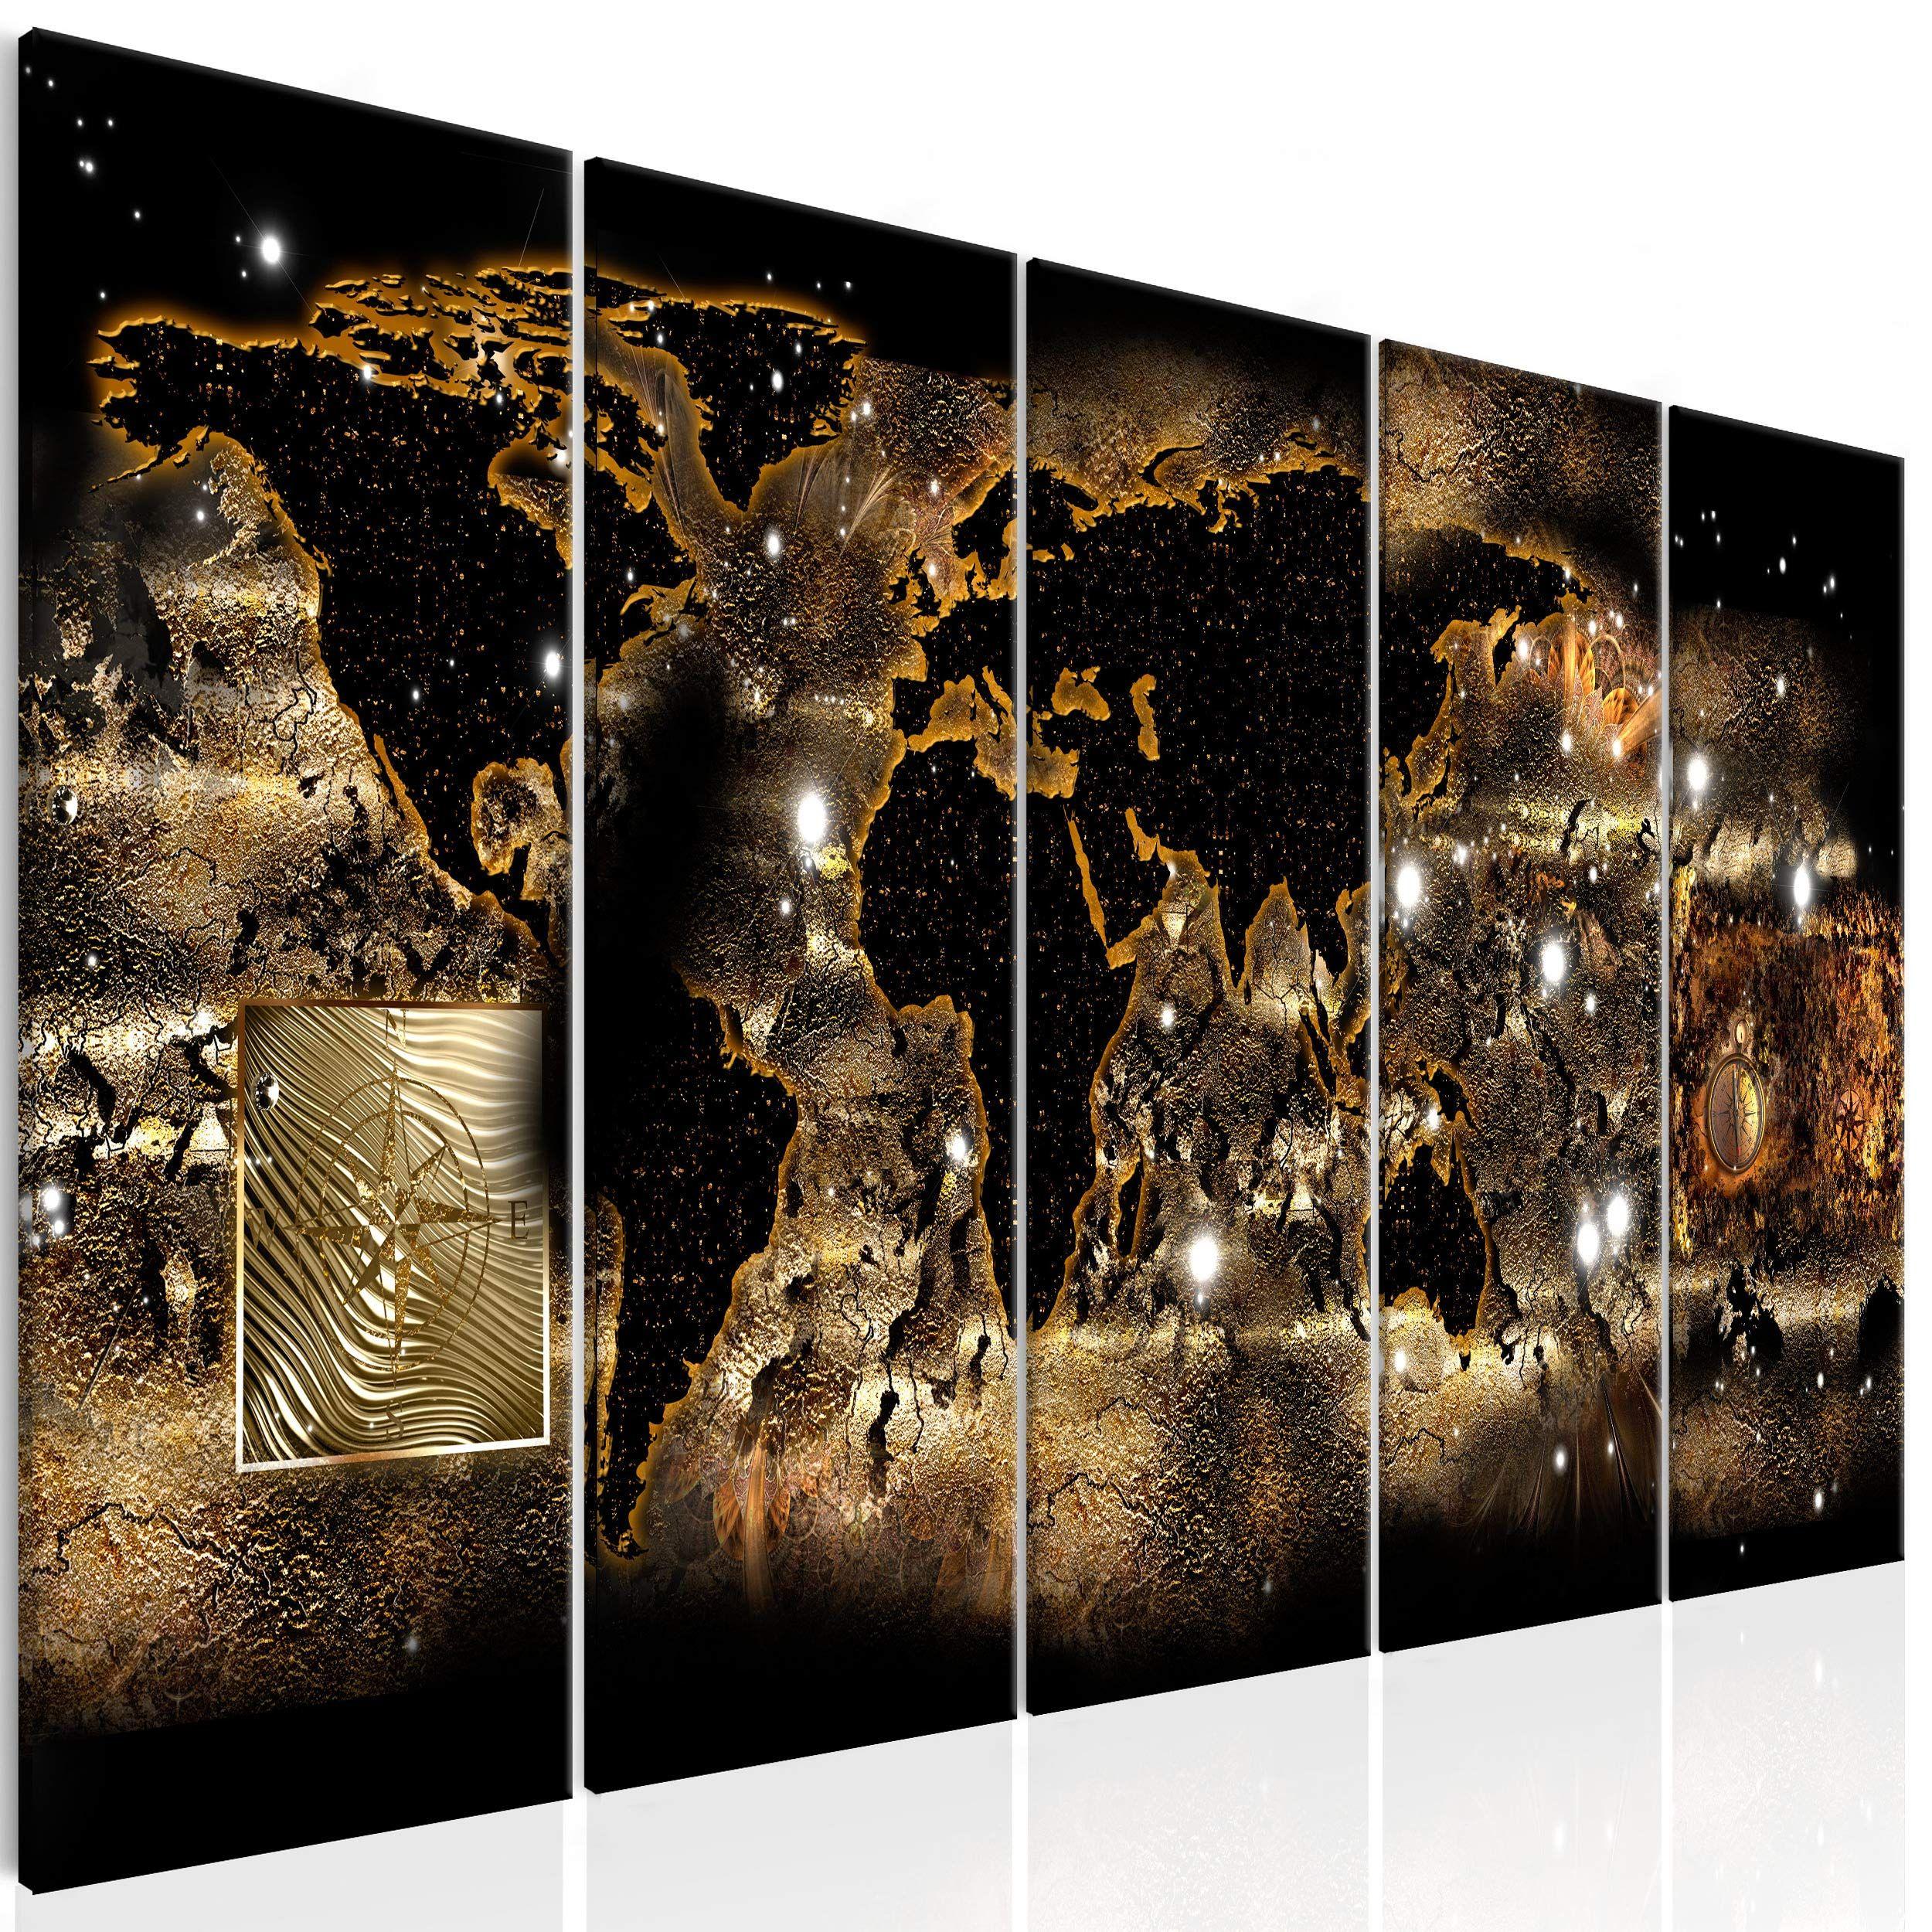 decomonkey bilder weltkarte 100x40 cm xxl 5 teilig leinwandbilder bild auf leinwand vlies wandbild kunstdruck wand in 2021 japanische wanddekoration wohnzimmer ideen